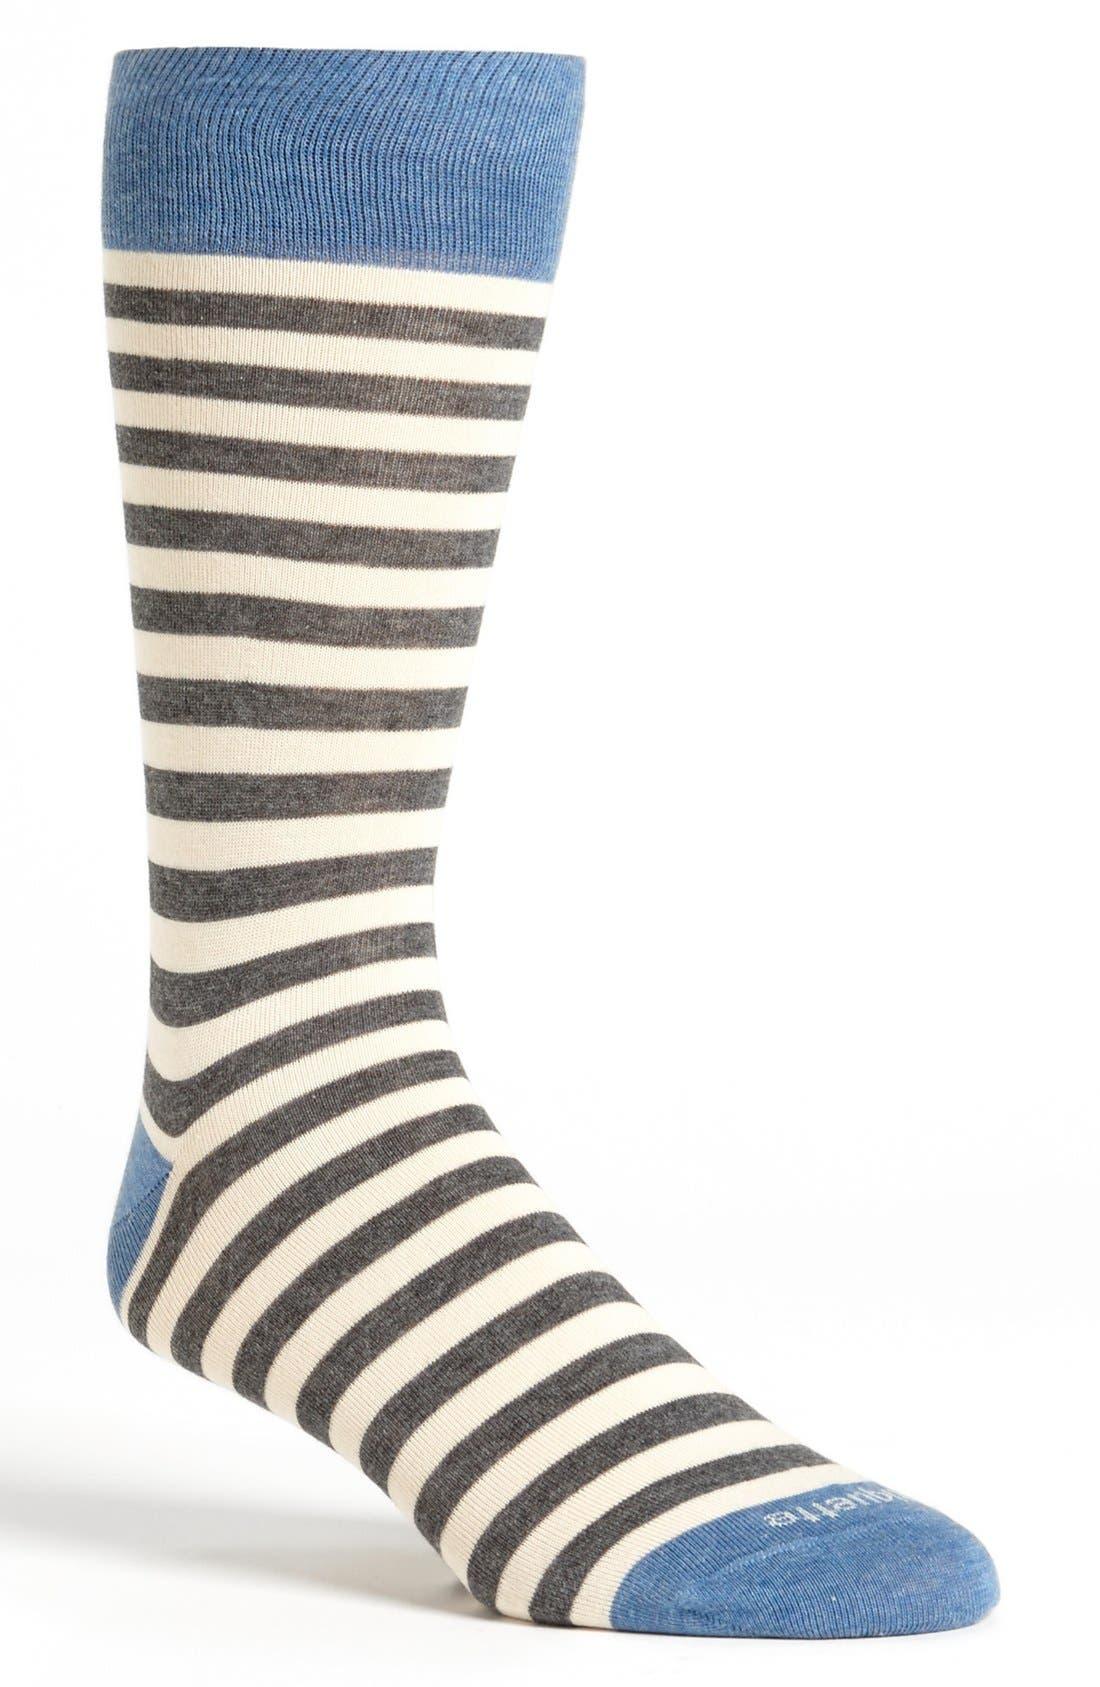 Main Image - Etiquette Clothiers Stripe Socks